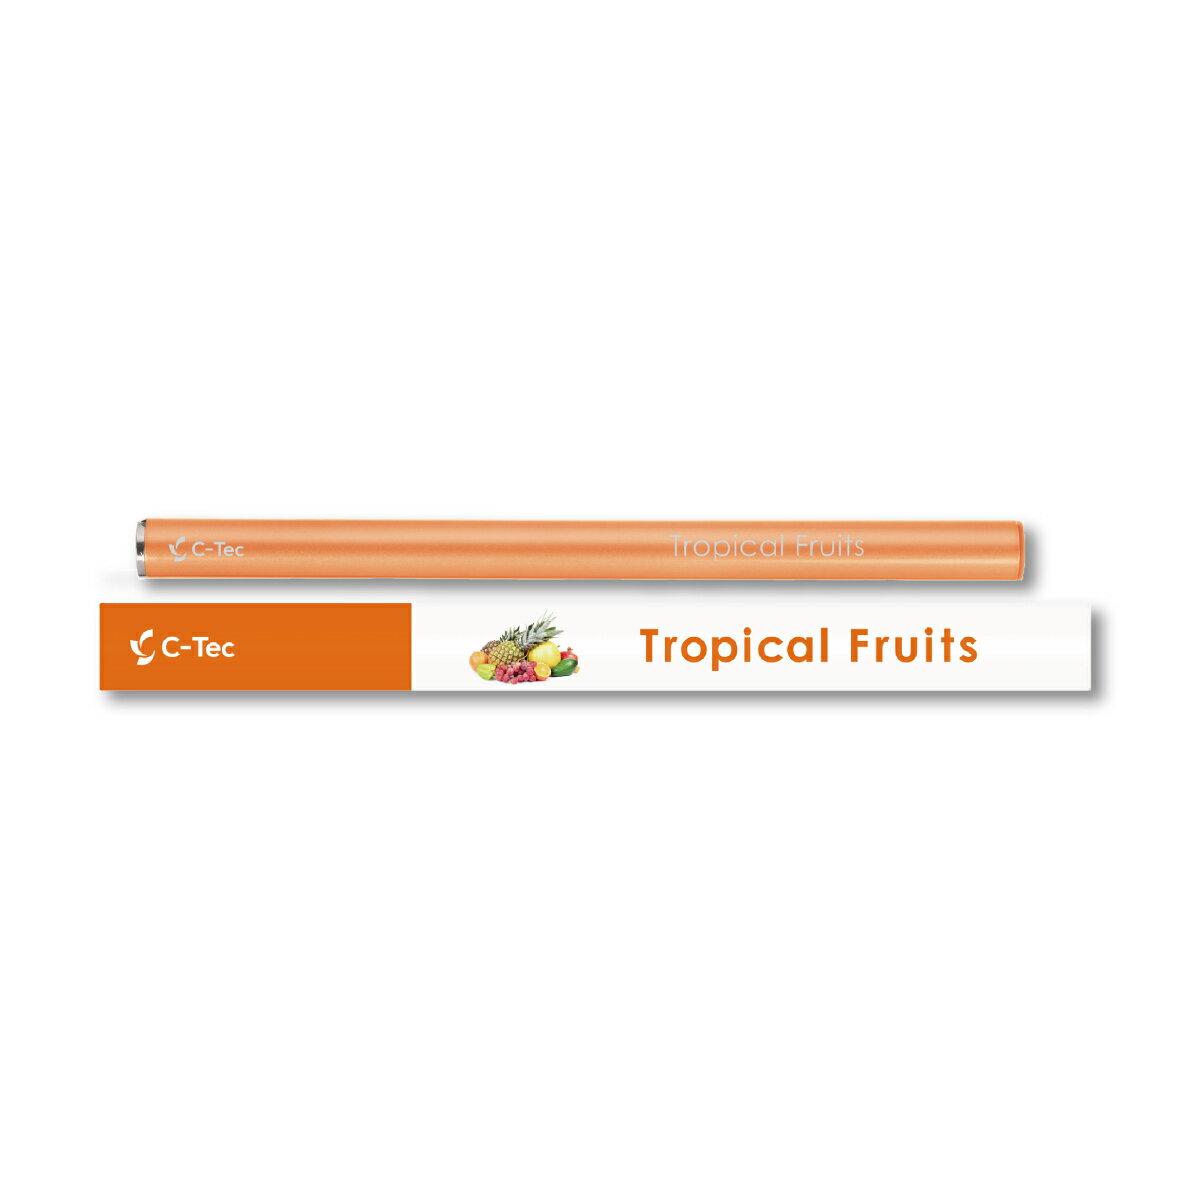 シーテック スティック トロピカル フルーツ 使い捨てタイプ 携帯ケース付き 電子タバコ 送料無料 c-tec stick ニコチン0 タール0 副流煙0 ビタミン 成分配合